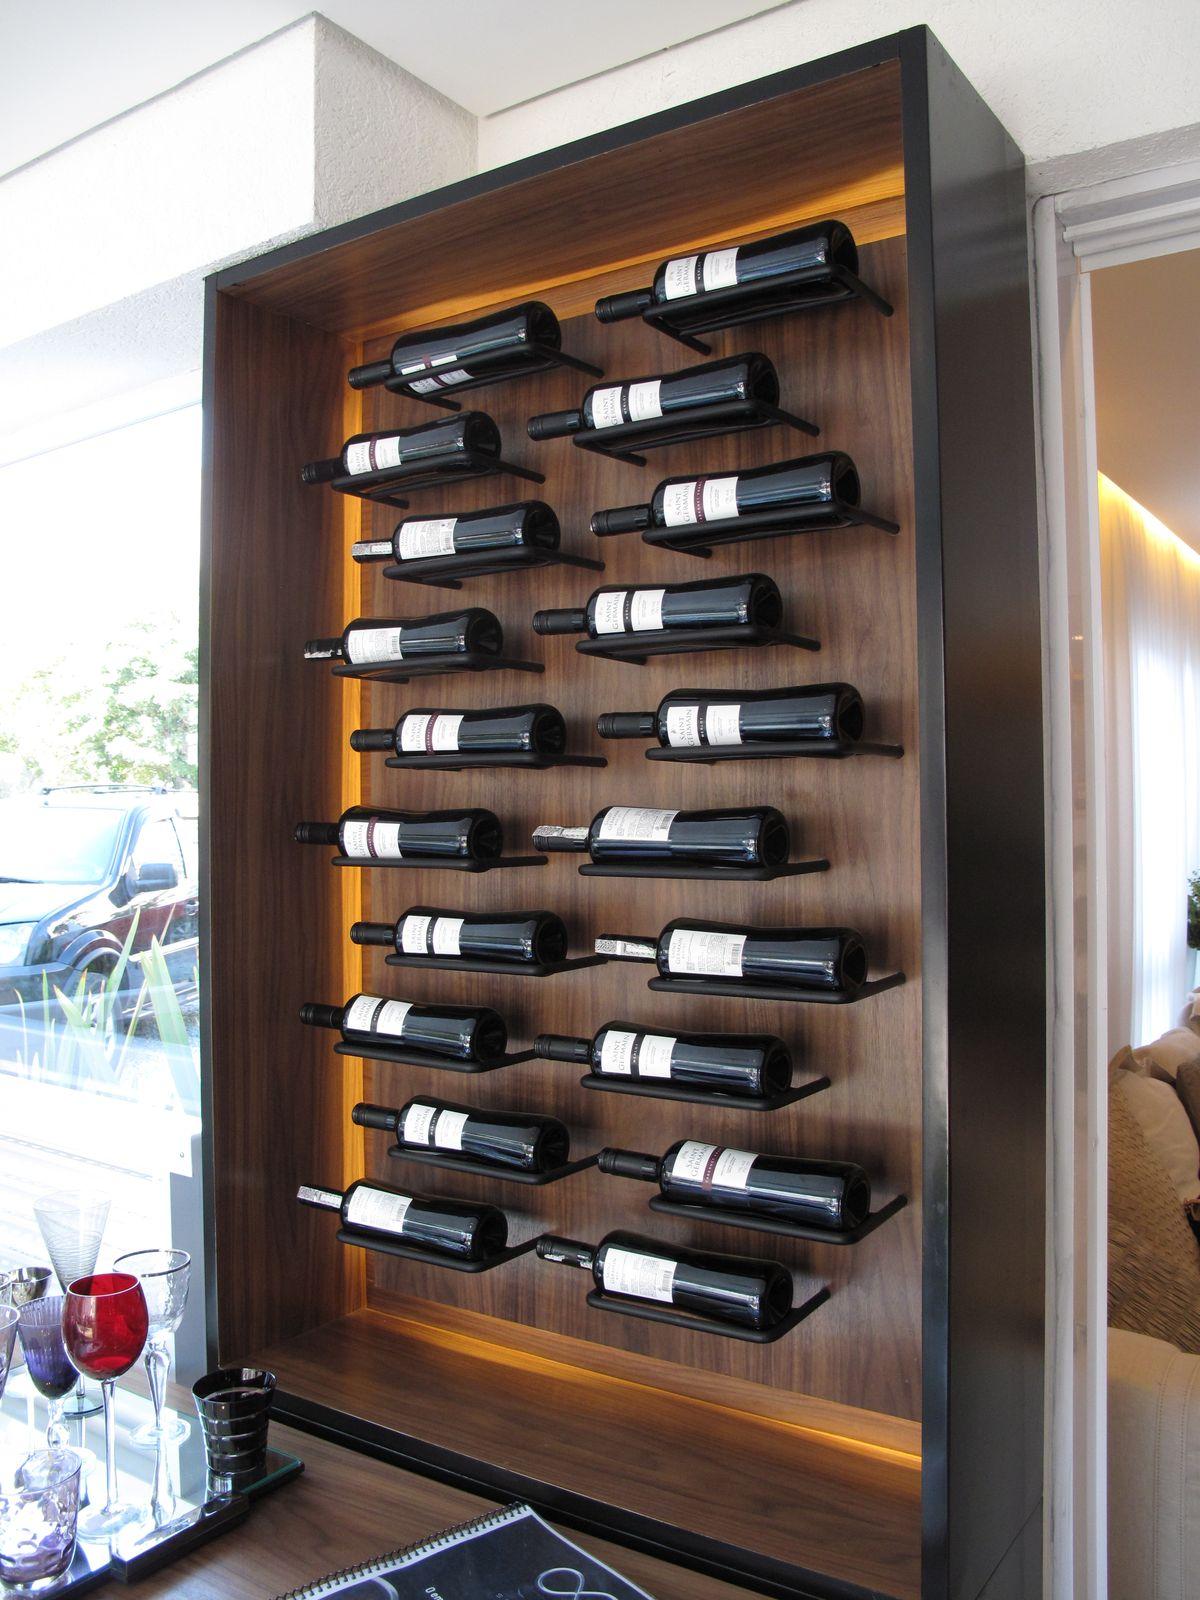 Oltre 25 fantastiche idee su scaffali del vino su for Scaffali per vino ikea